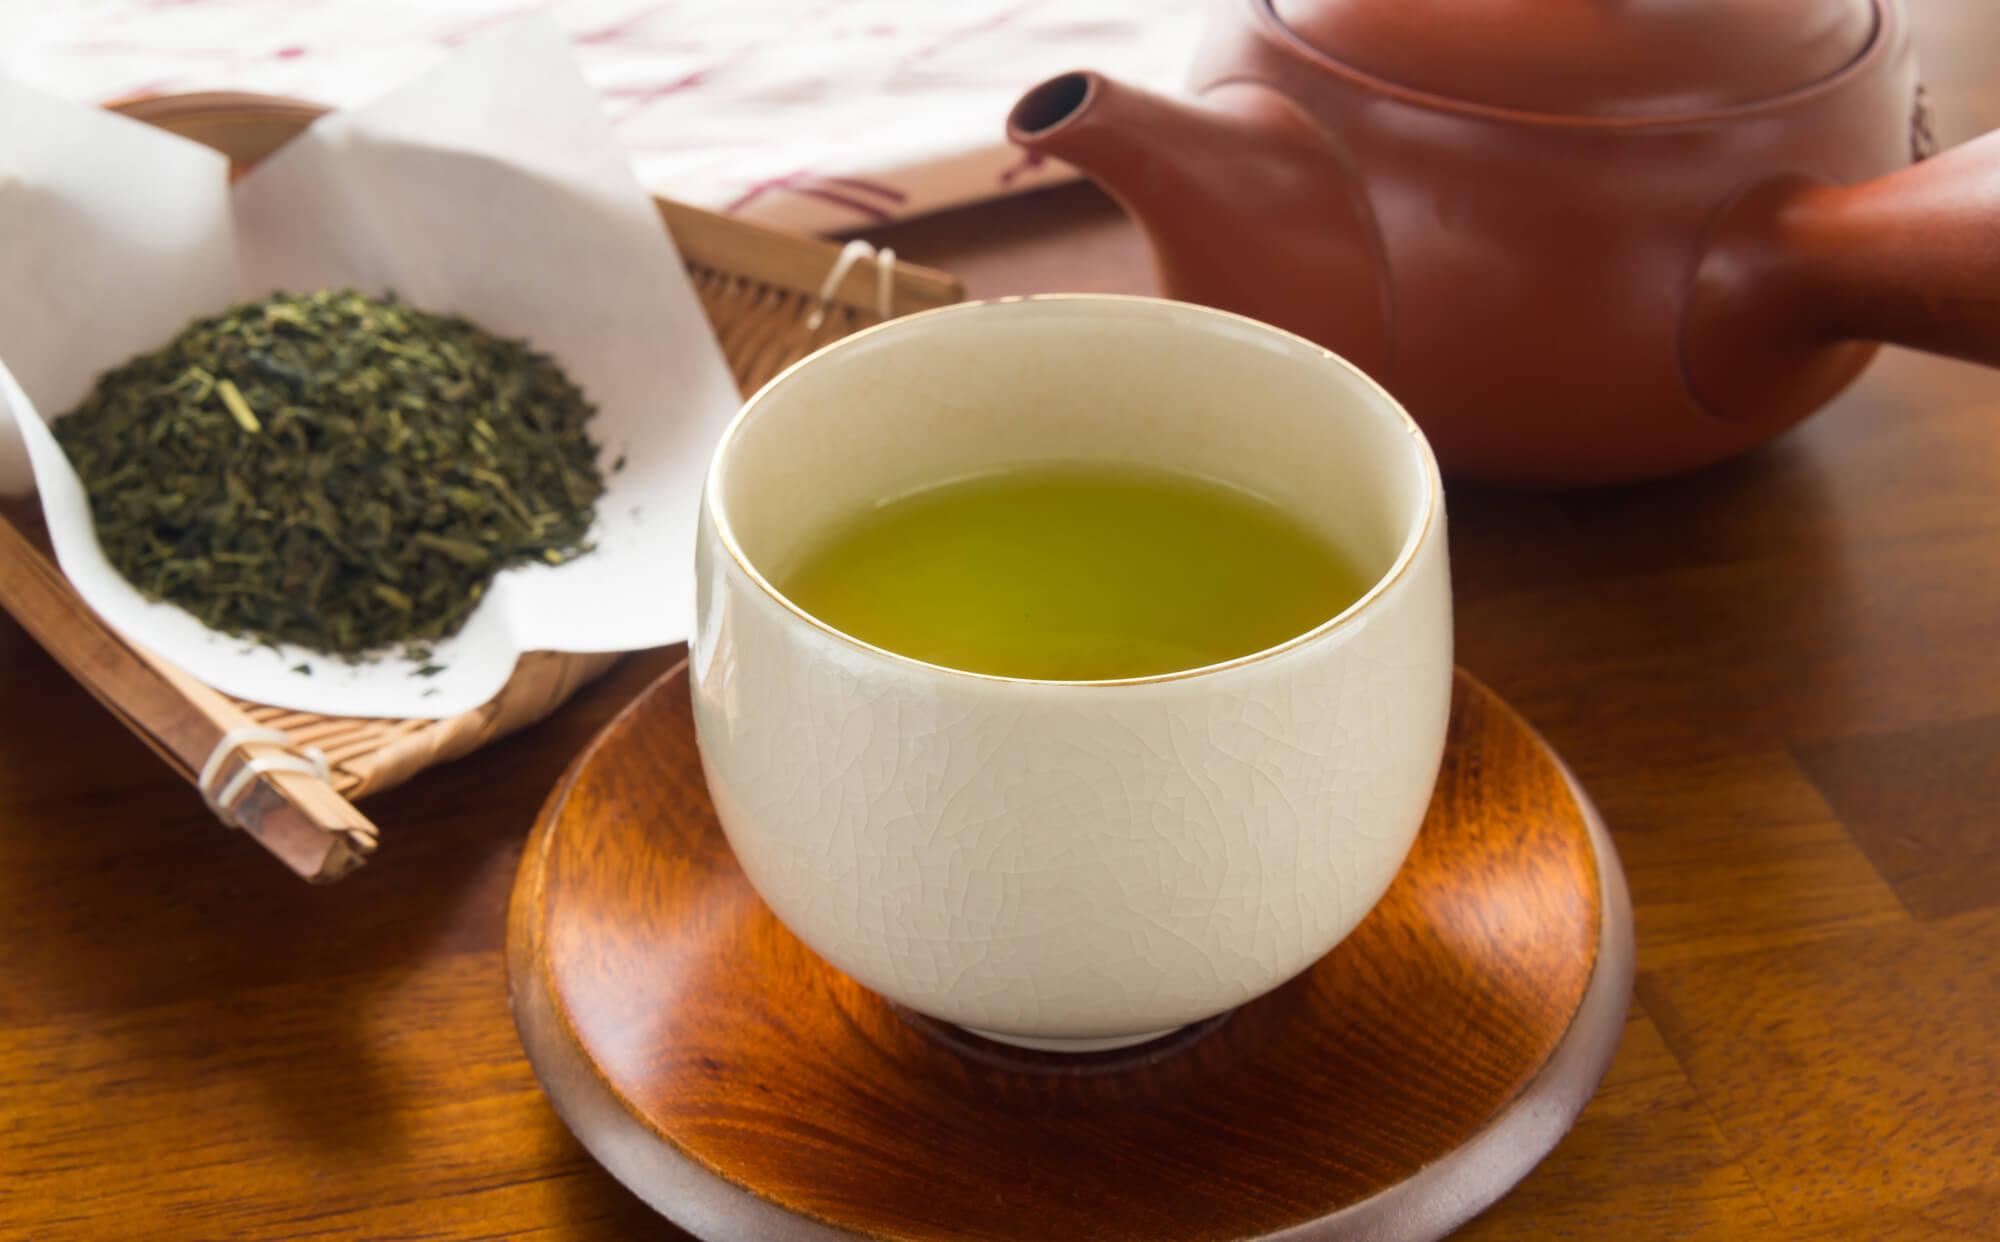 インフルエンザ予防に効果的!?冬の水分補給には「緑茶」